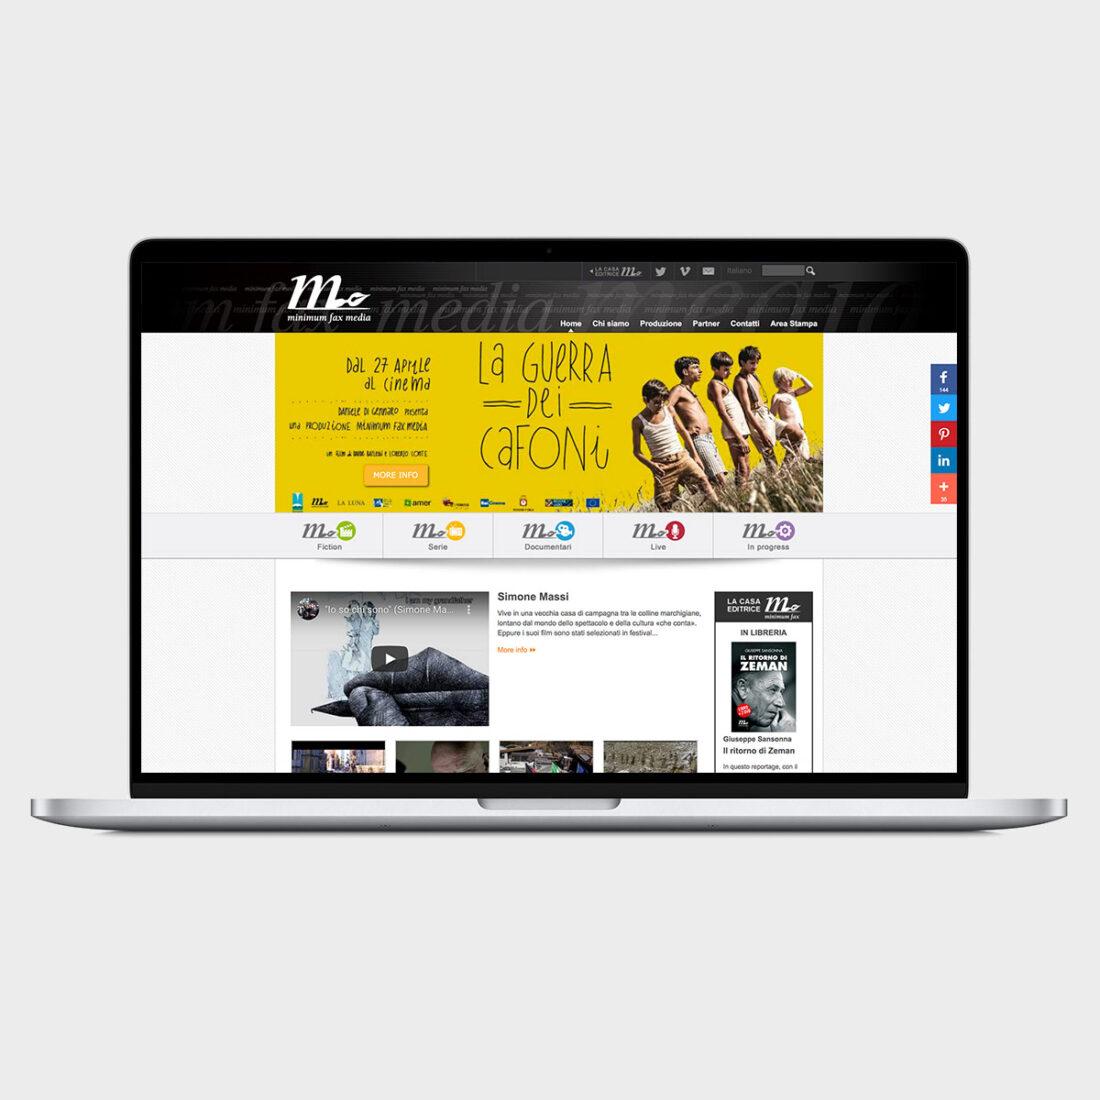 Monitor computer portatile con homepage del sito web di Minimum Fax Media con slide La guerra dei cafoni